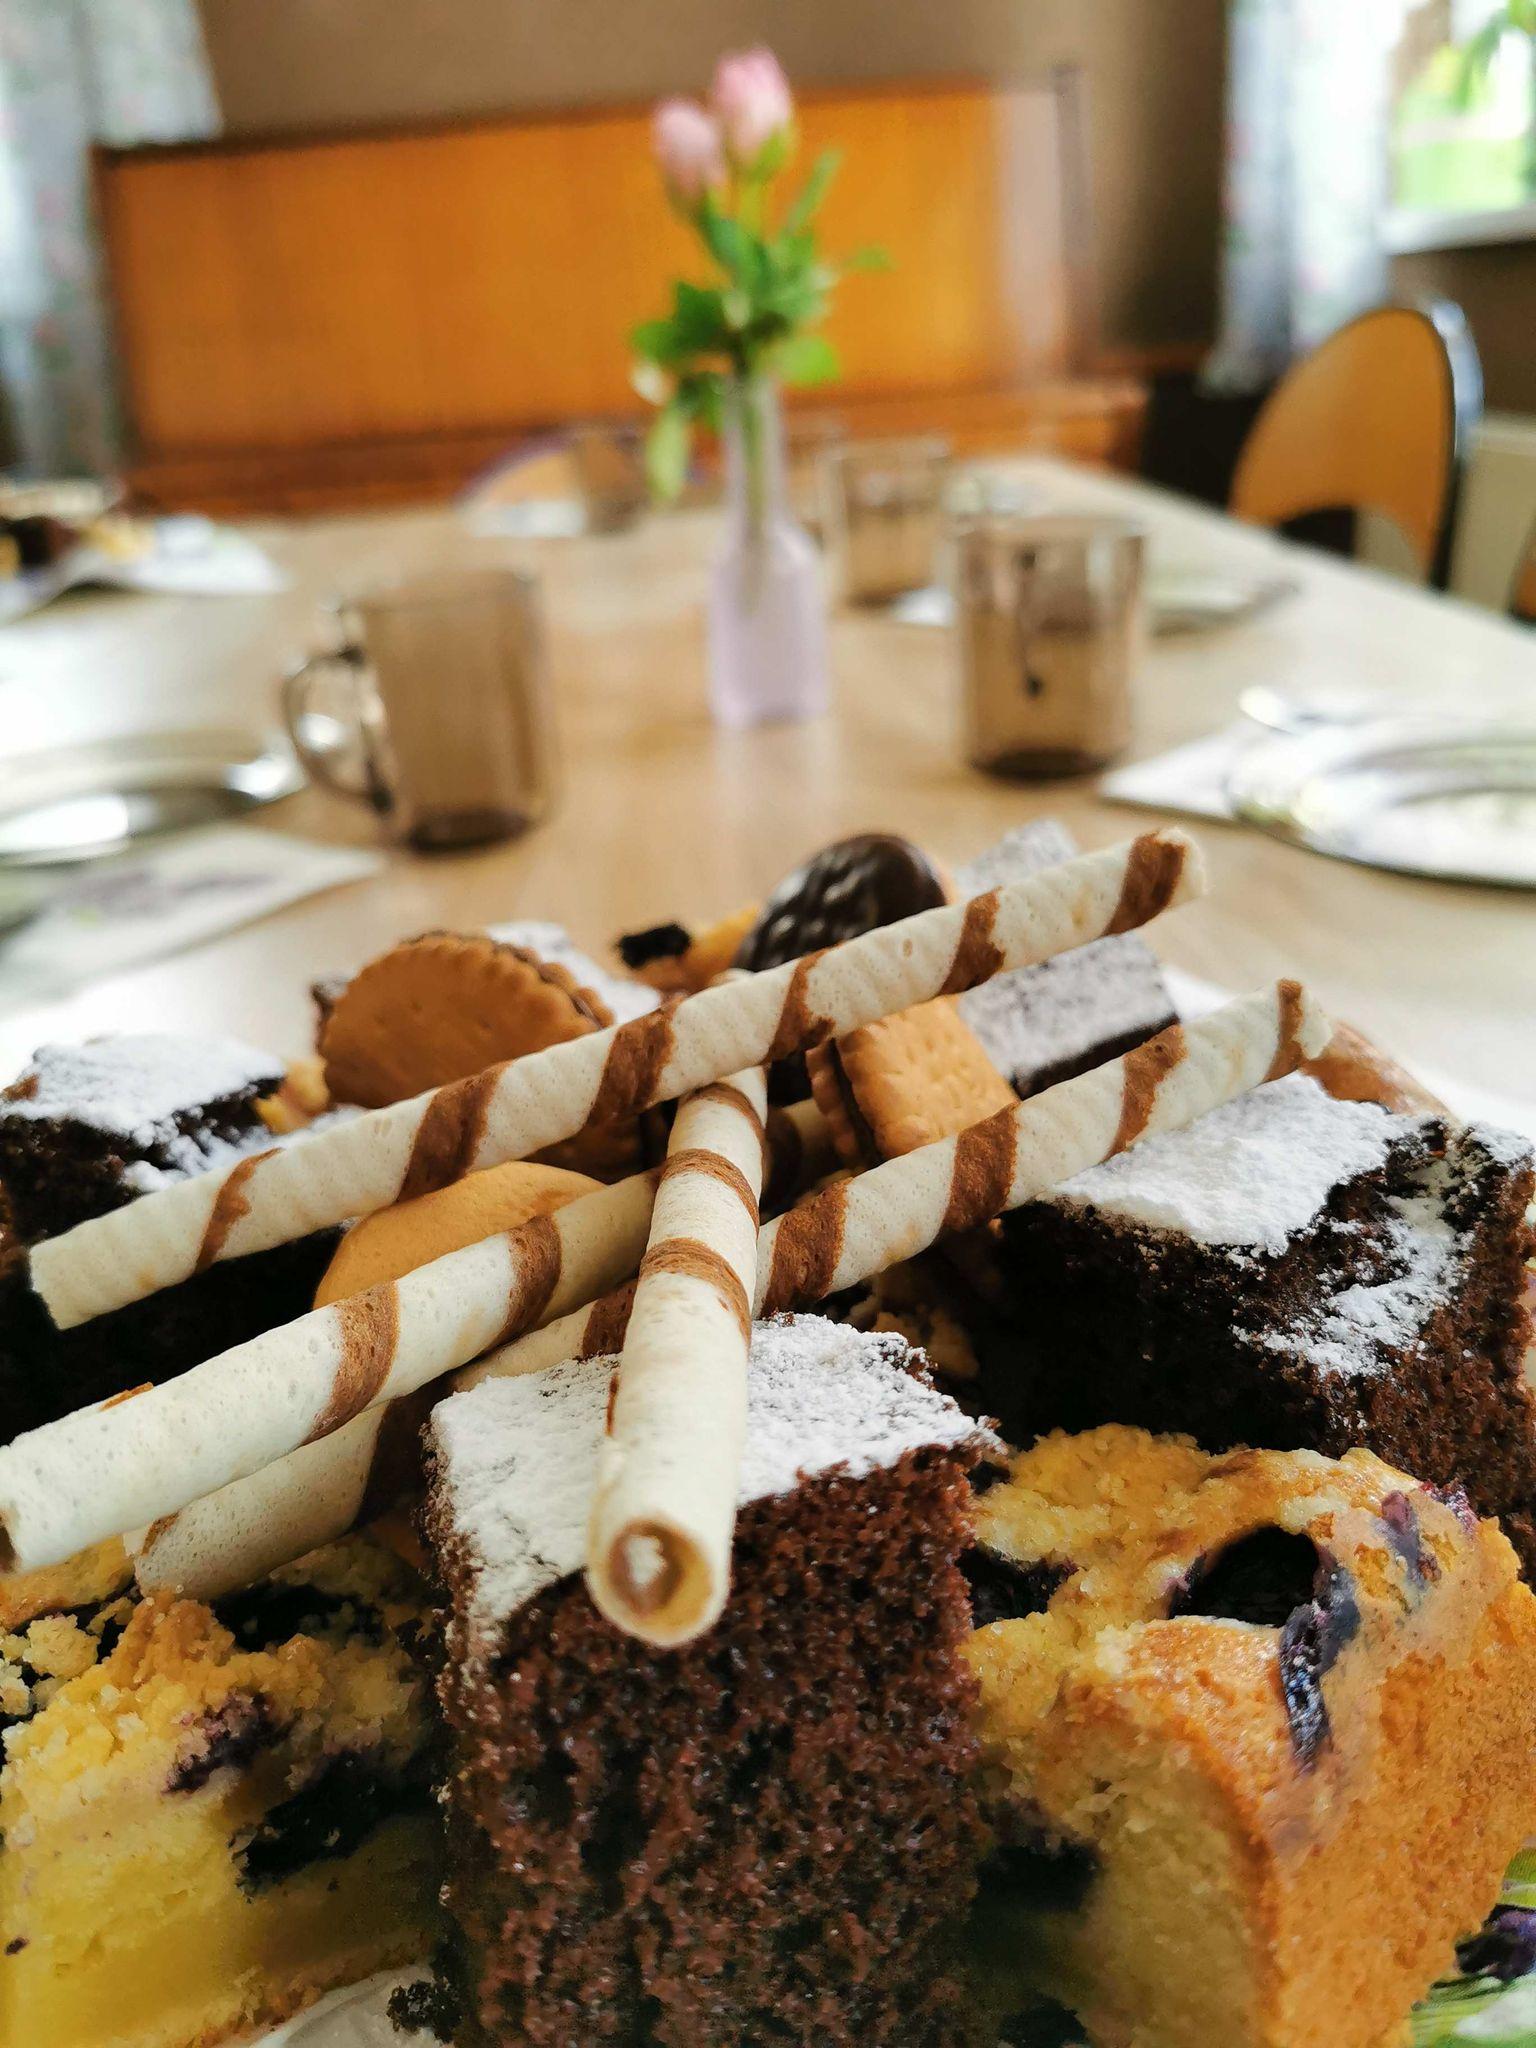 zdjęcie ciasta